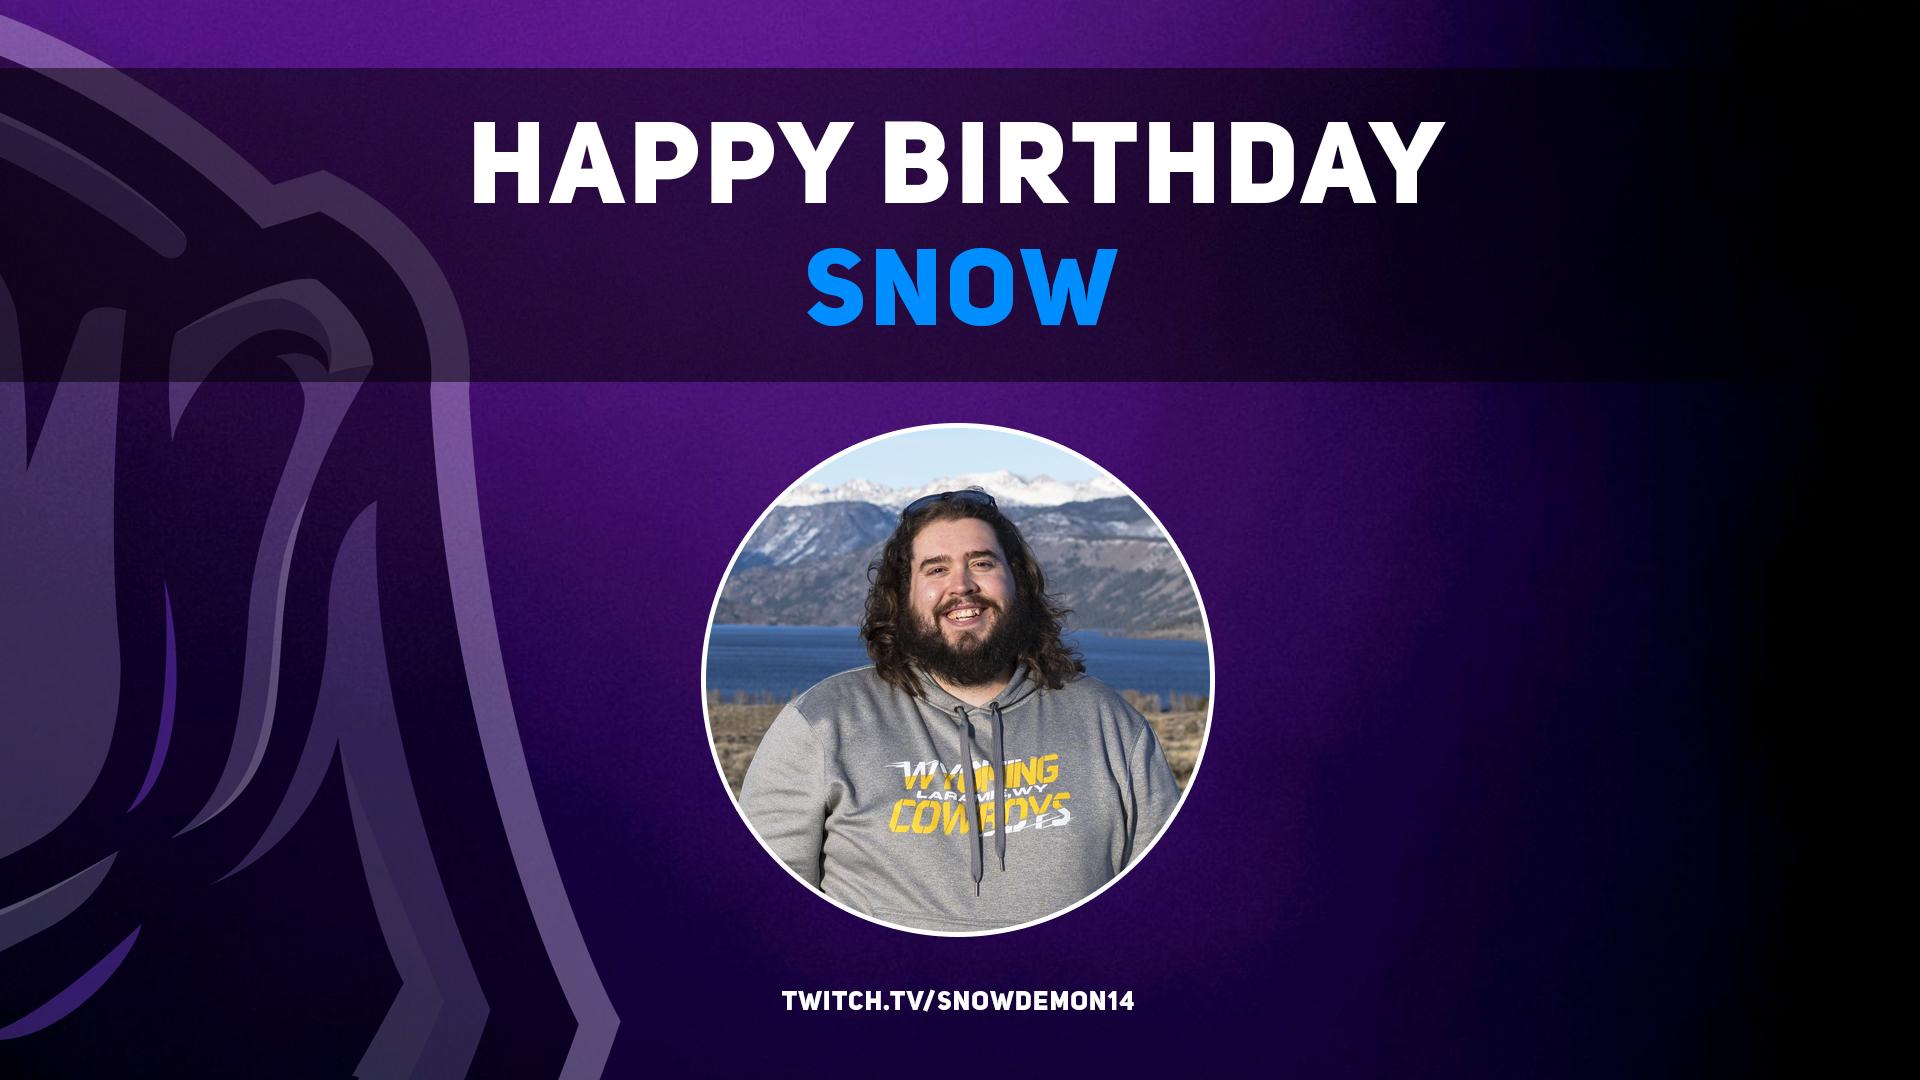 Happy Birthday Snow!